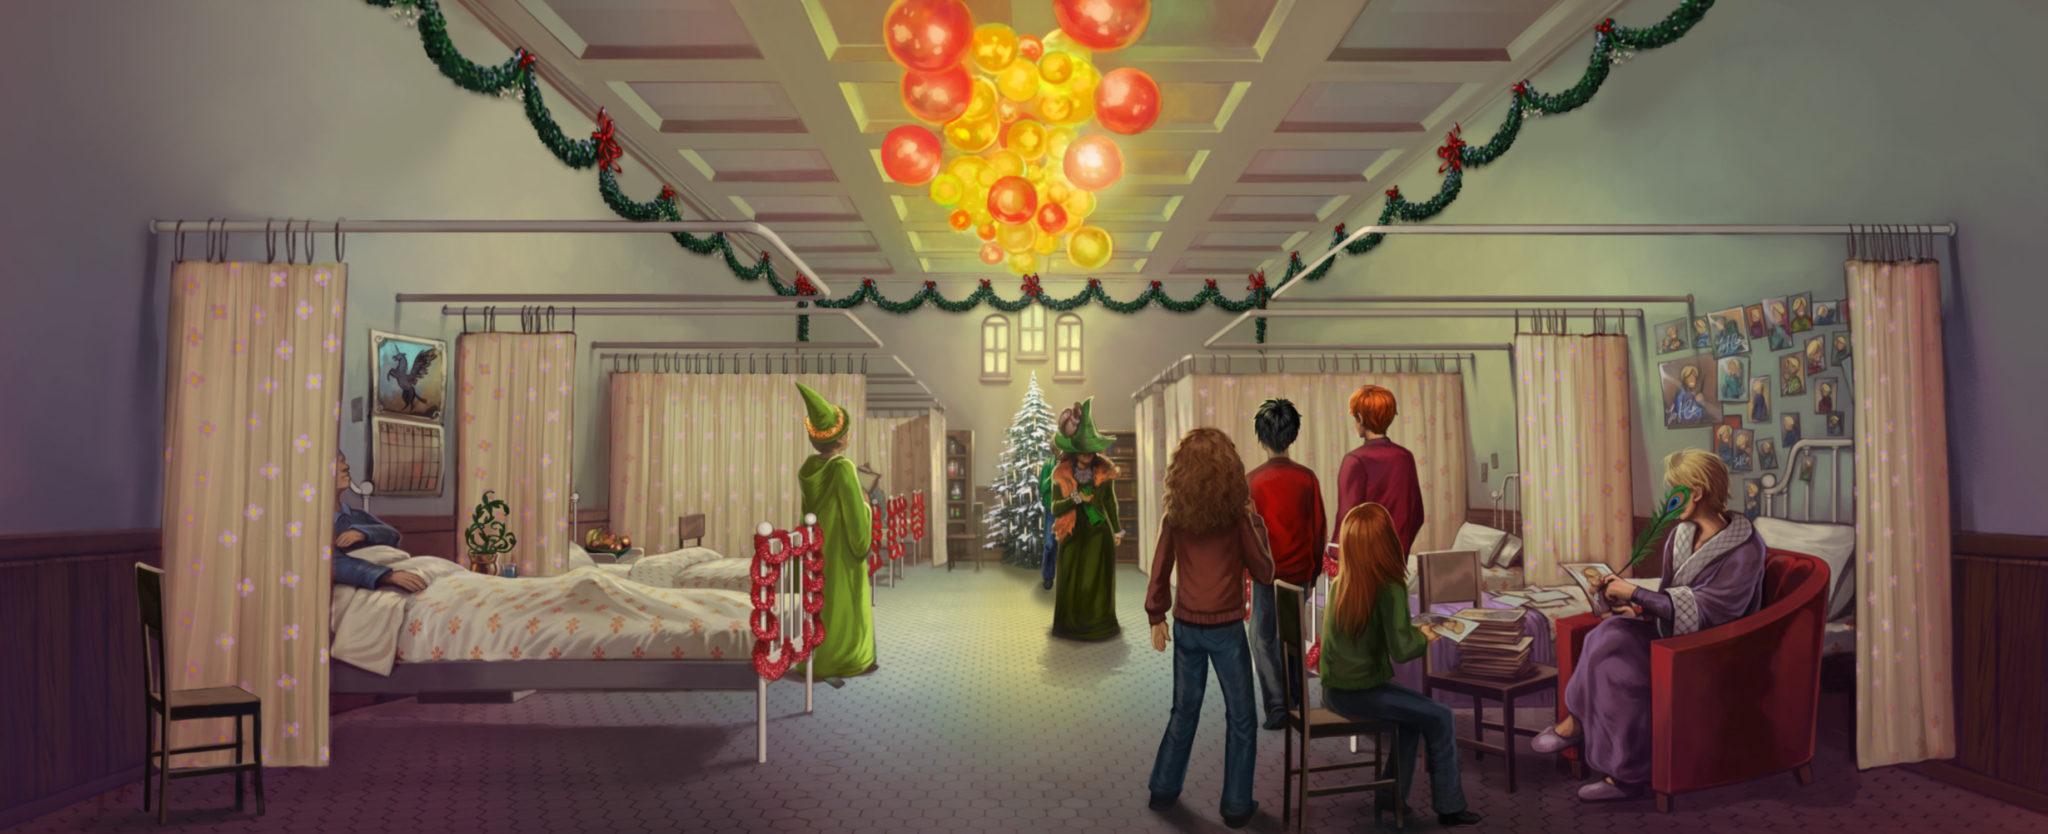 De costas, Hermione, Harry, Rony e Gina visitam Arthur Weasley no Hospital St. Mungus, decorado para o Natal. Todos estão olhando para a avó de Neville, no fundo da imagem. A bruxa tem seu rosto encoberto por seu chapéu.